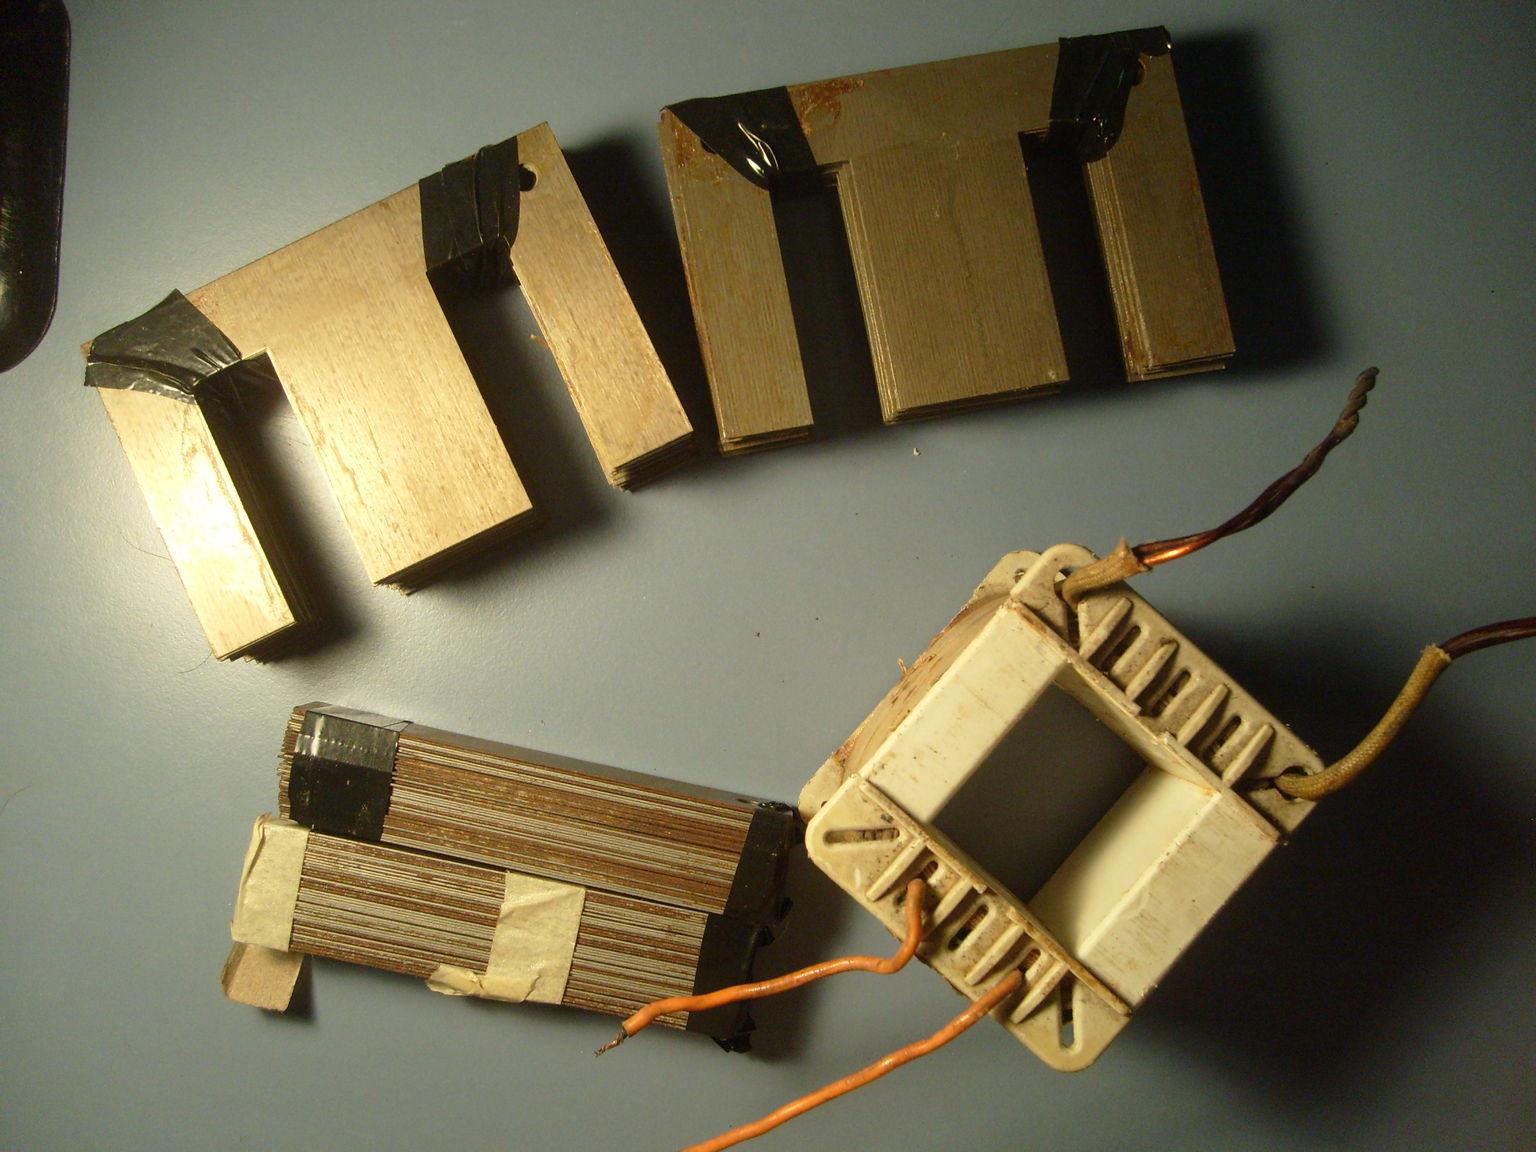 Transformador de lamparas dicroicas rebobinado para filamentos de valvulas. 6.3Vct, 12.6Vct, 5V, 2.5V. 500W total. Antes